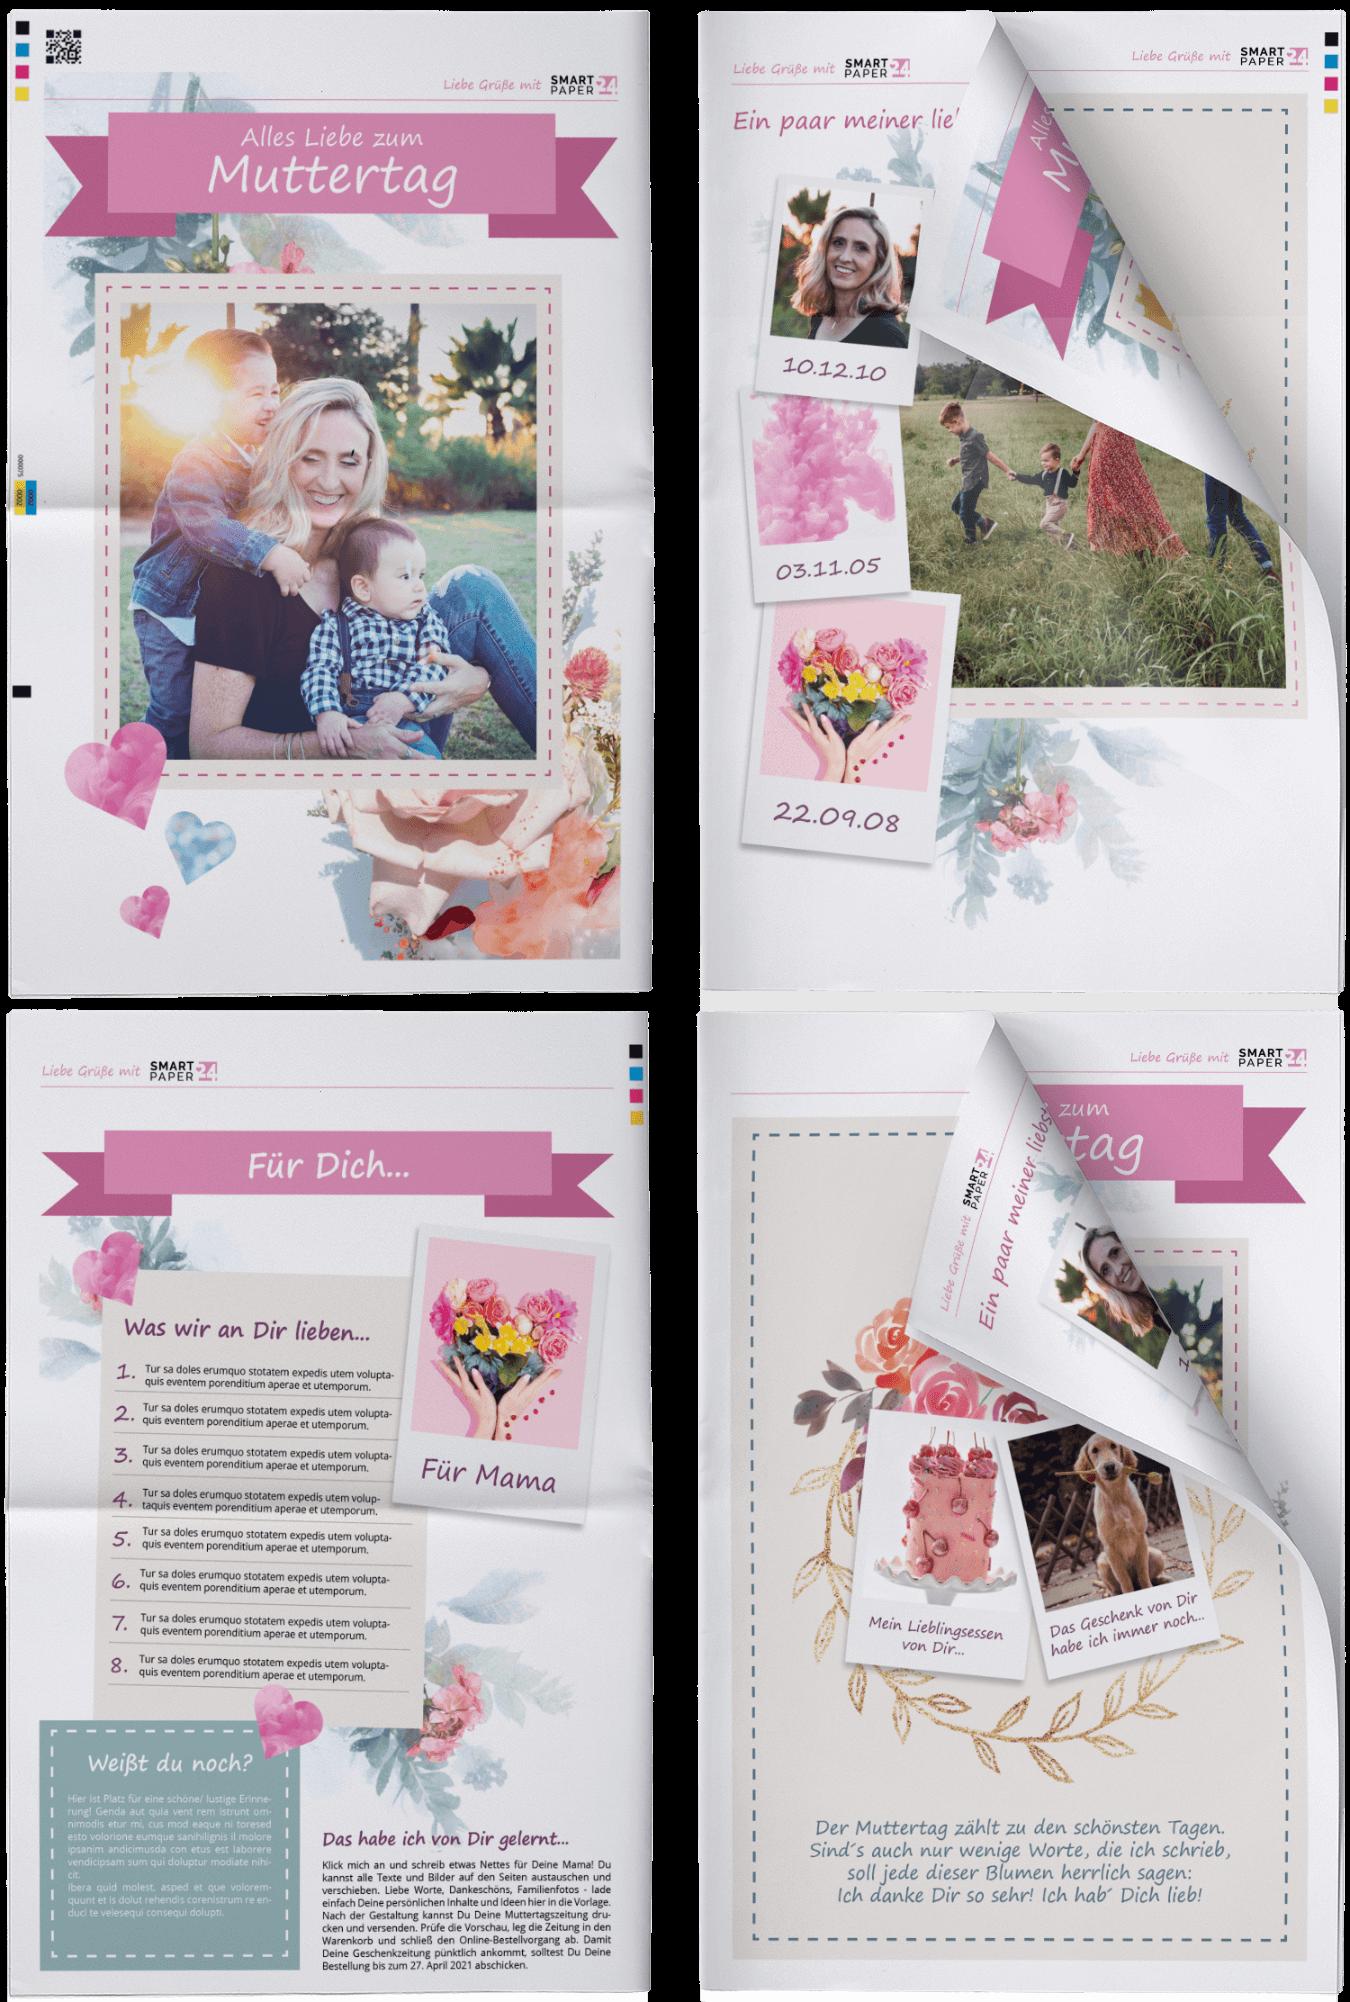 Muttertagszeitung mit eigenen Texten und Fotos für Mama gestalten